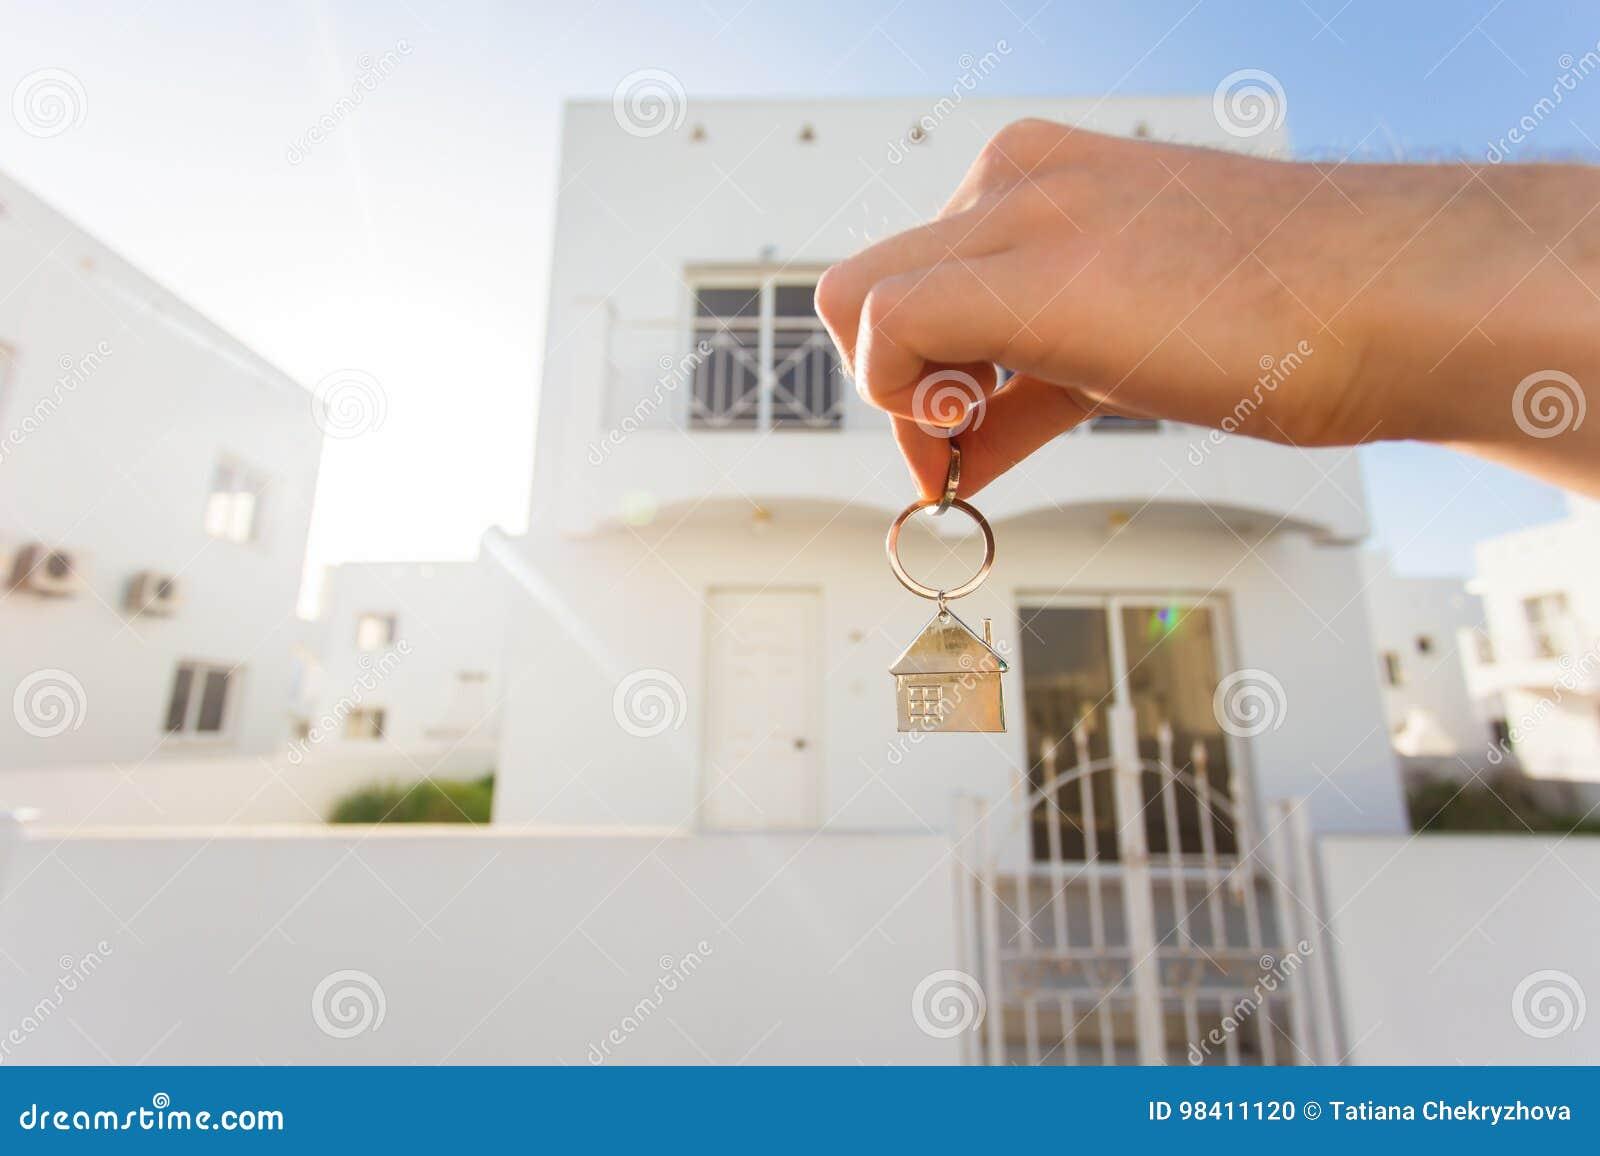 Κλειδιά σπιτιών εκμετάλλευσης διαμορφωμένη στη σπίτι keychain κινηματογράφηση σε πρώτο πλάνο μπροστά από ένα νέο σπίτι κτήμα έννο